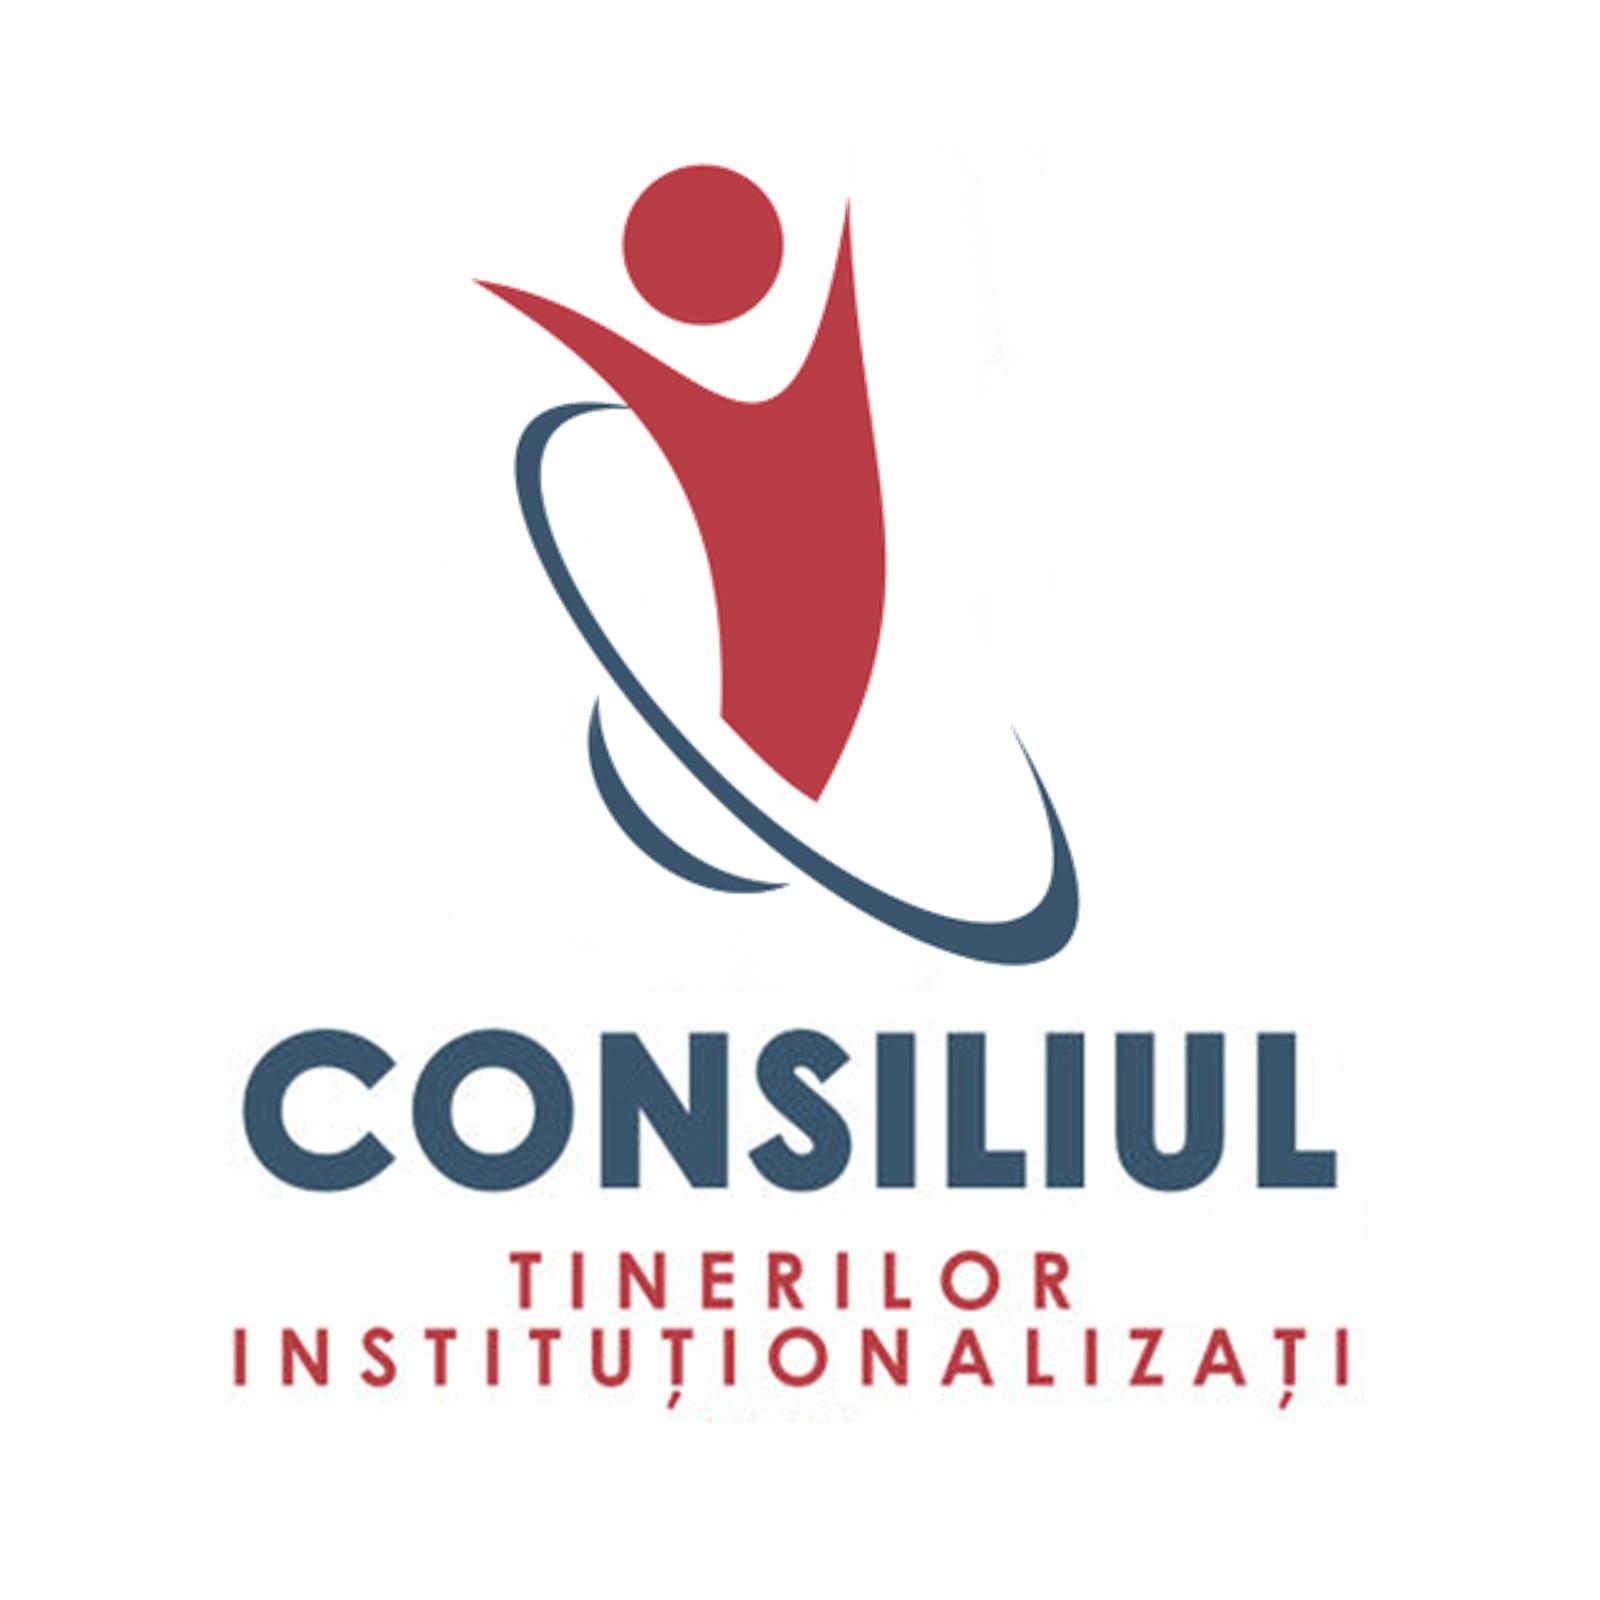 consiliul tinerilor institutionalizati logo